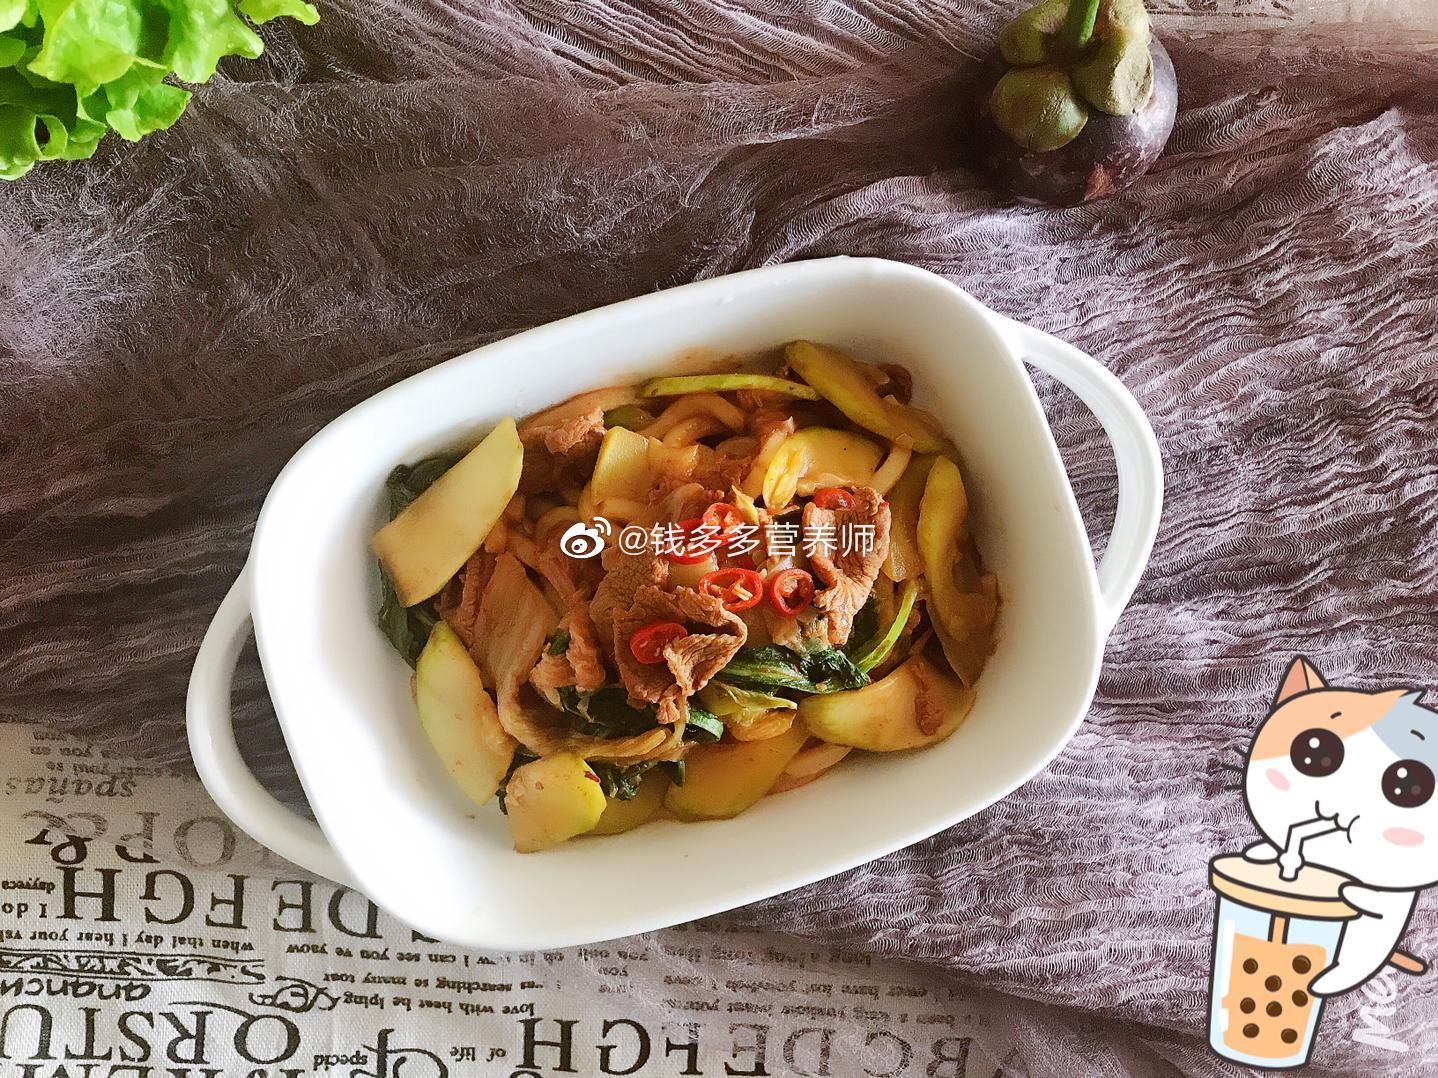 辣白菜羊肉西葫芦炒乌冬面:瘦身一样吃的美滋滋